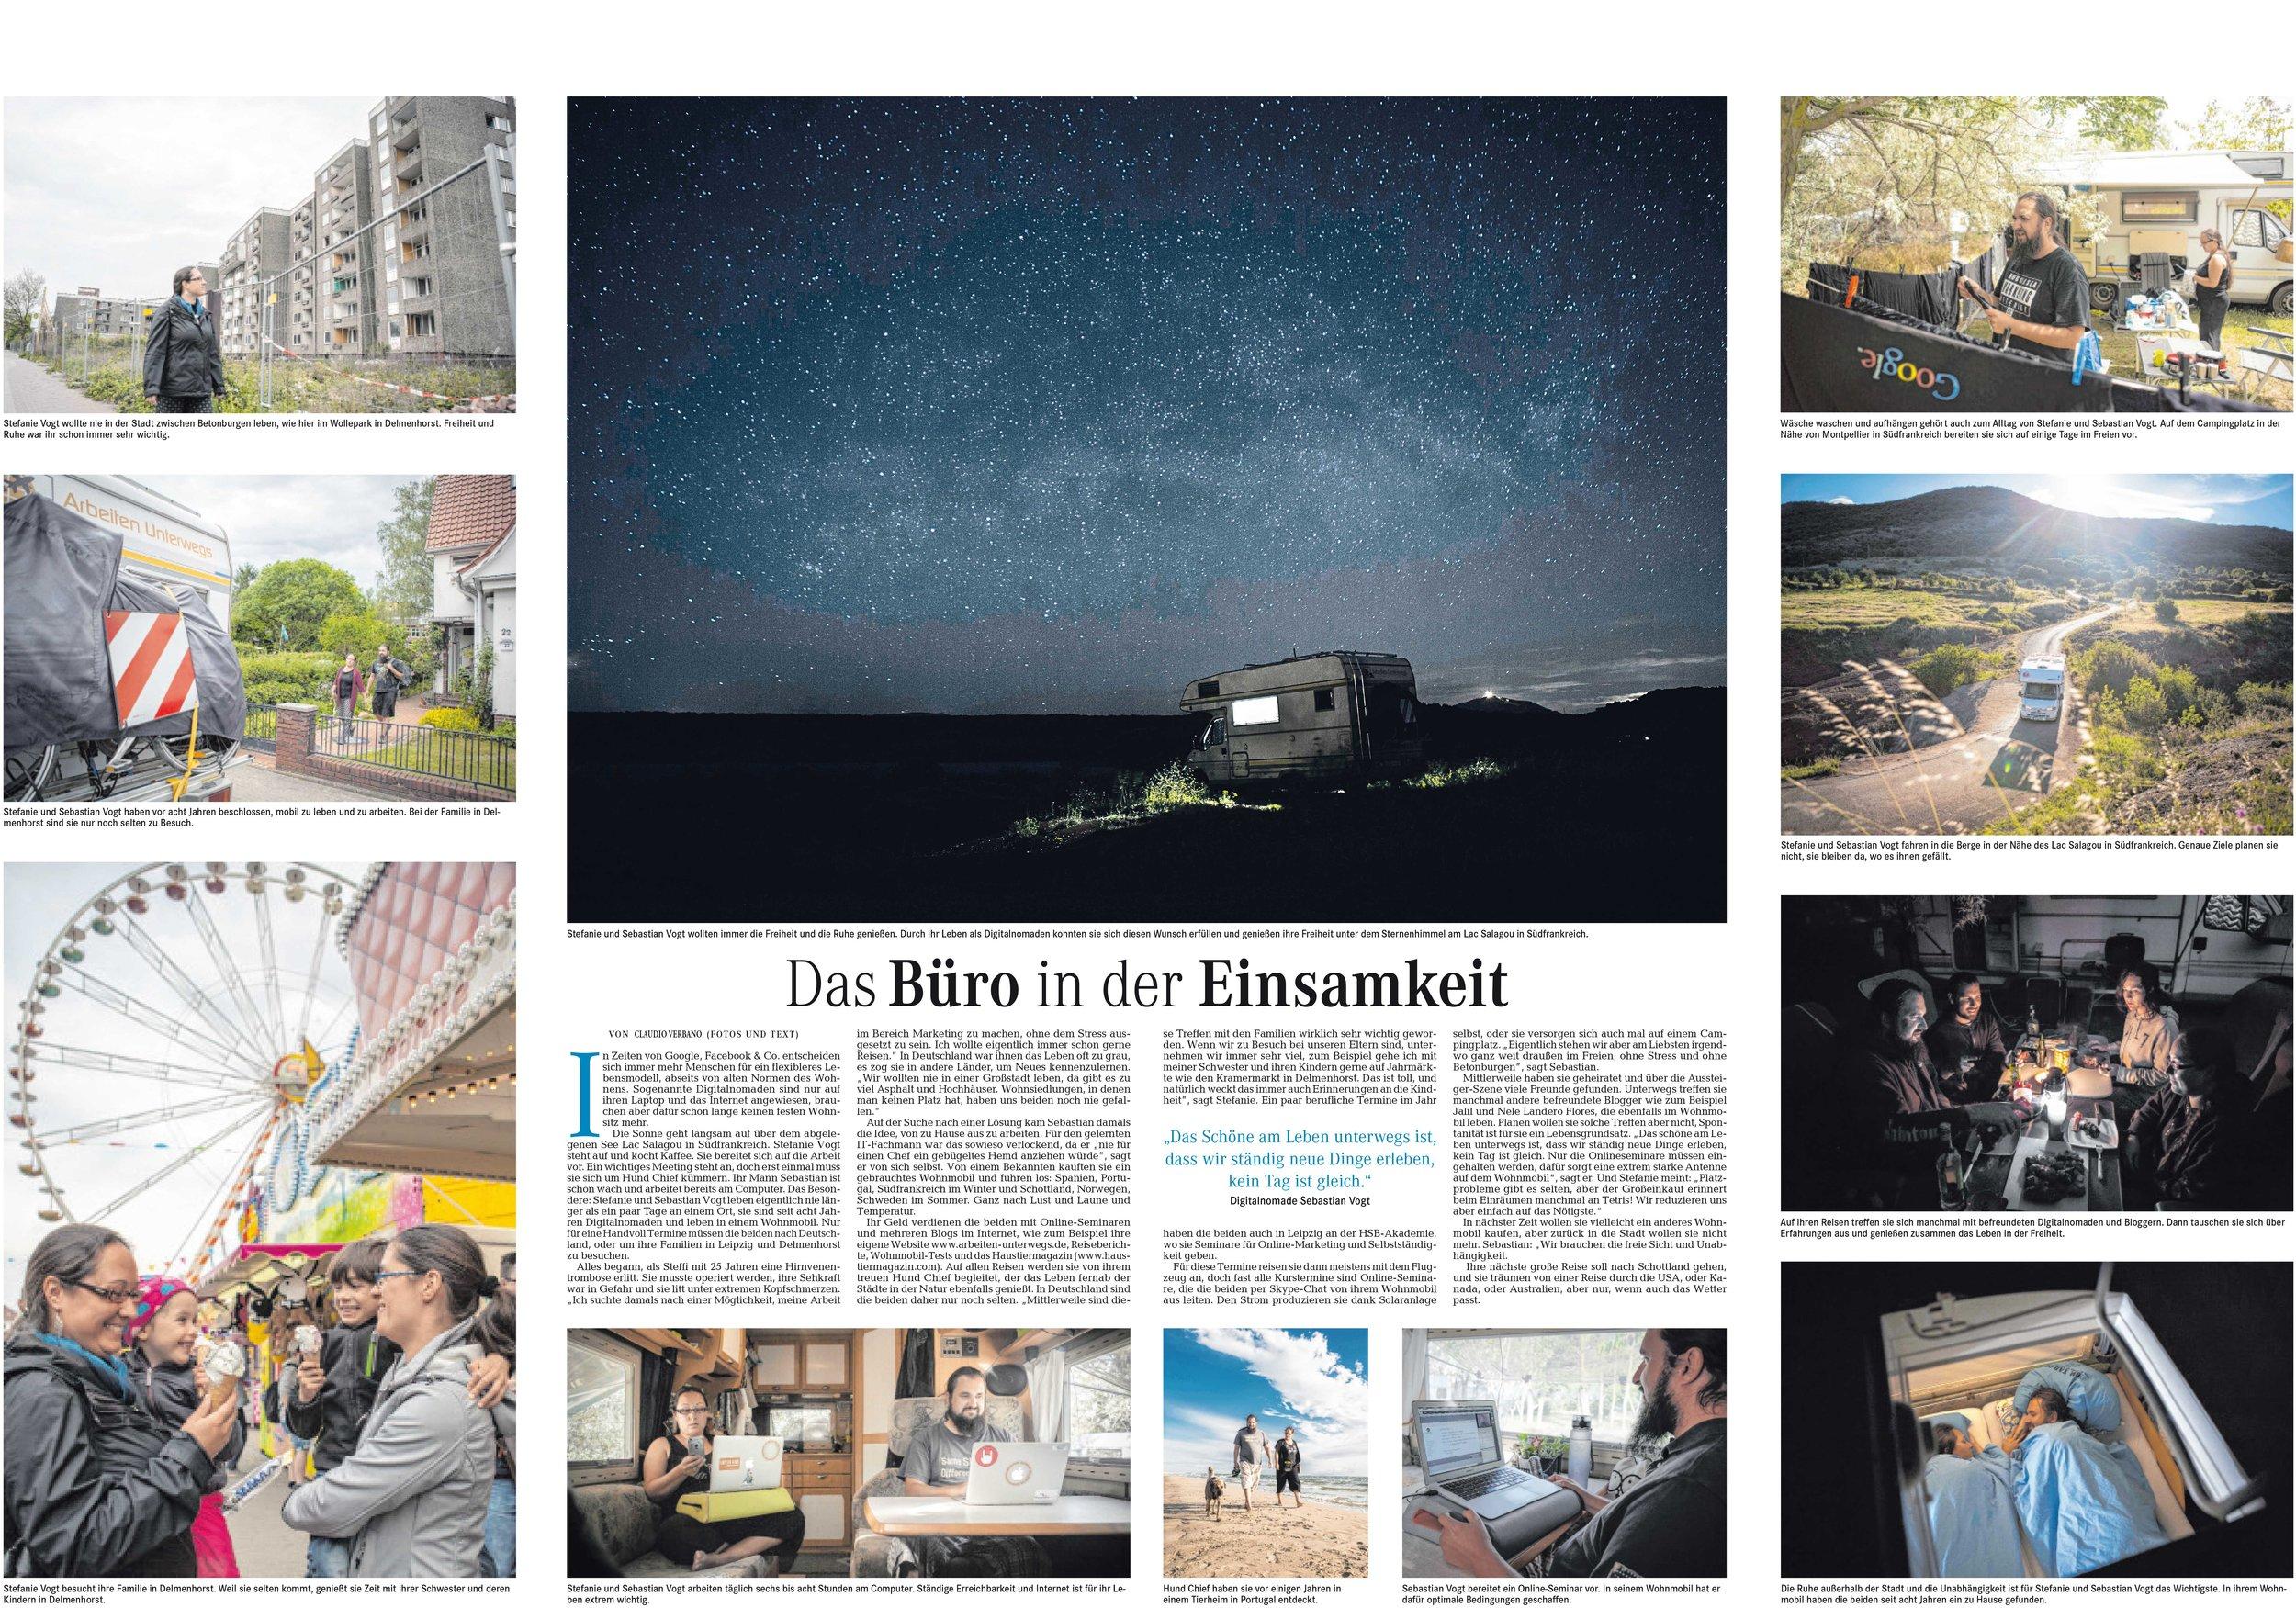 Weser Kurier - Digitale Nomaden (1).jpg